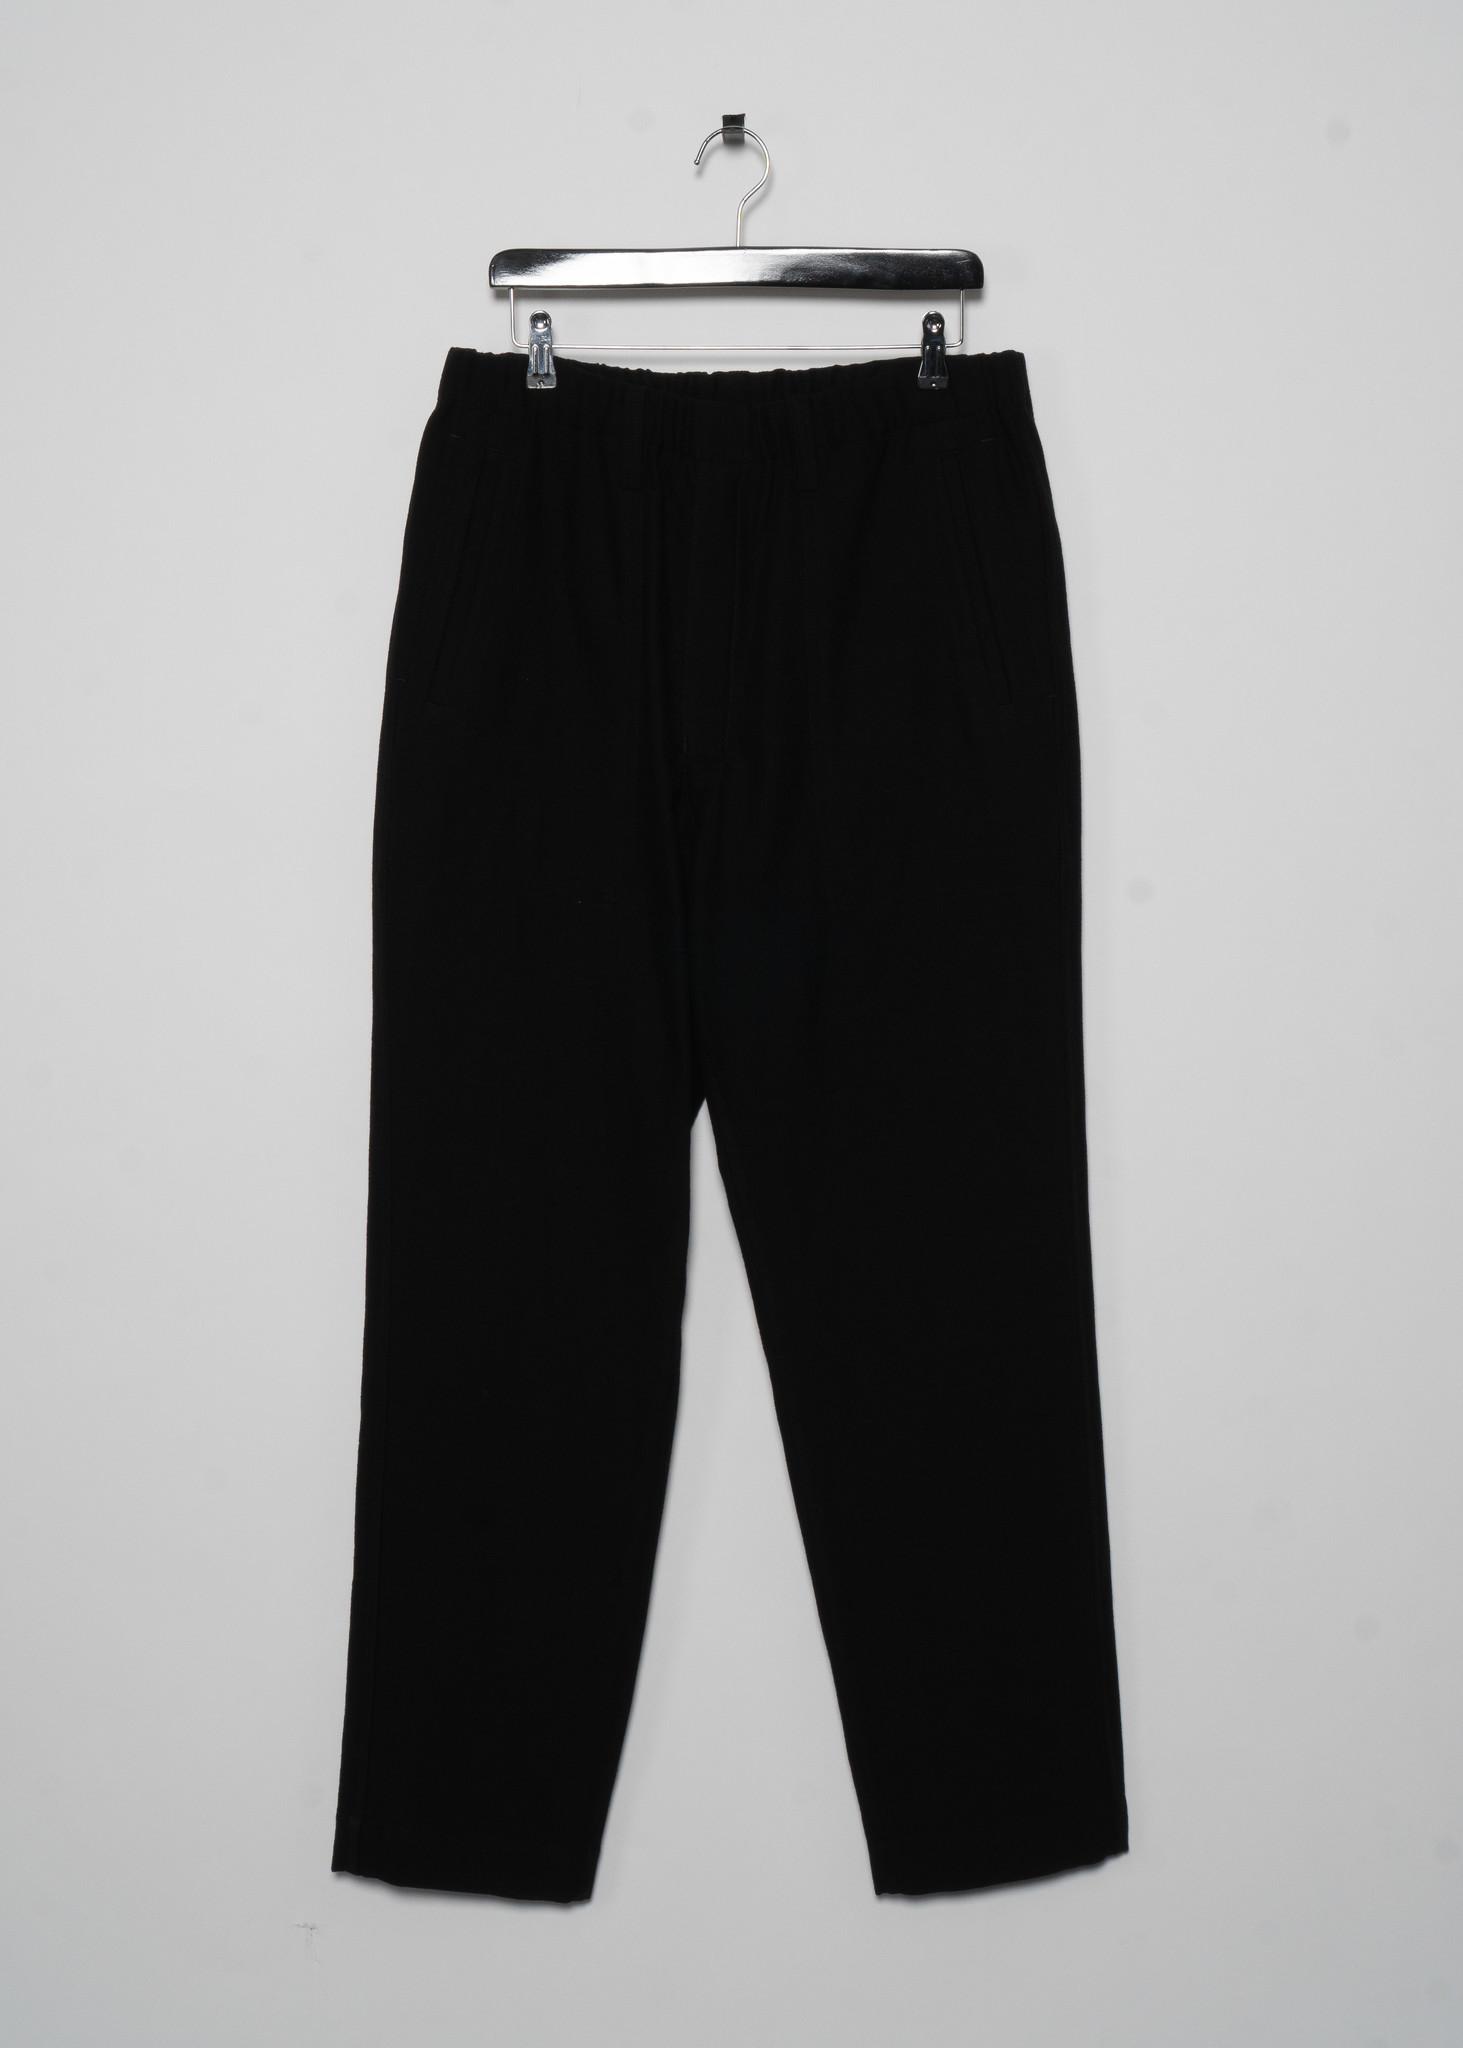 Pantalon Noir avec Taille Élastique